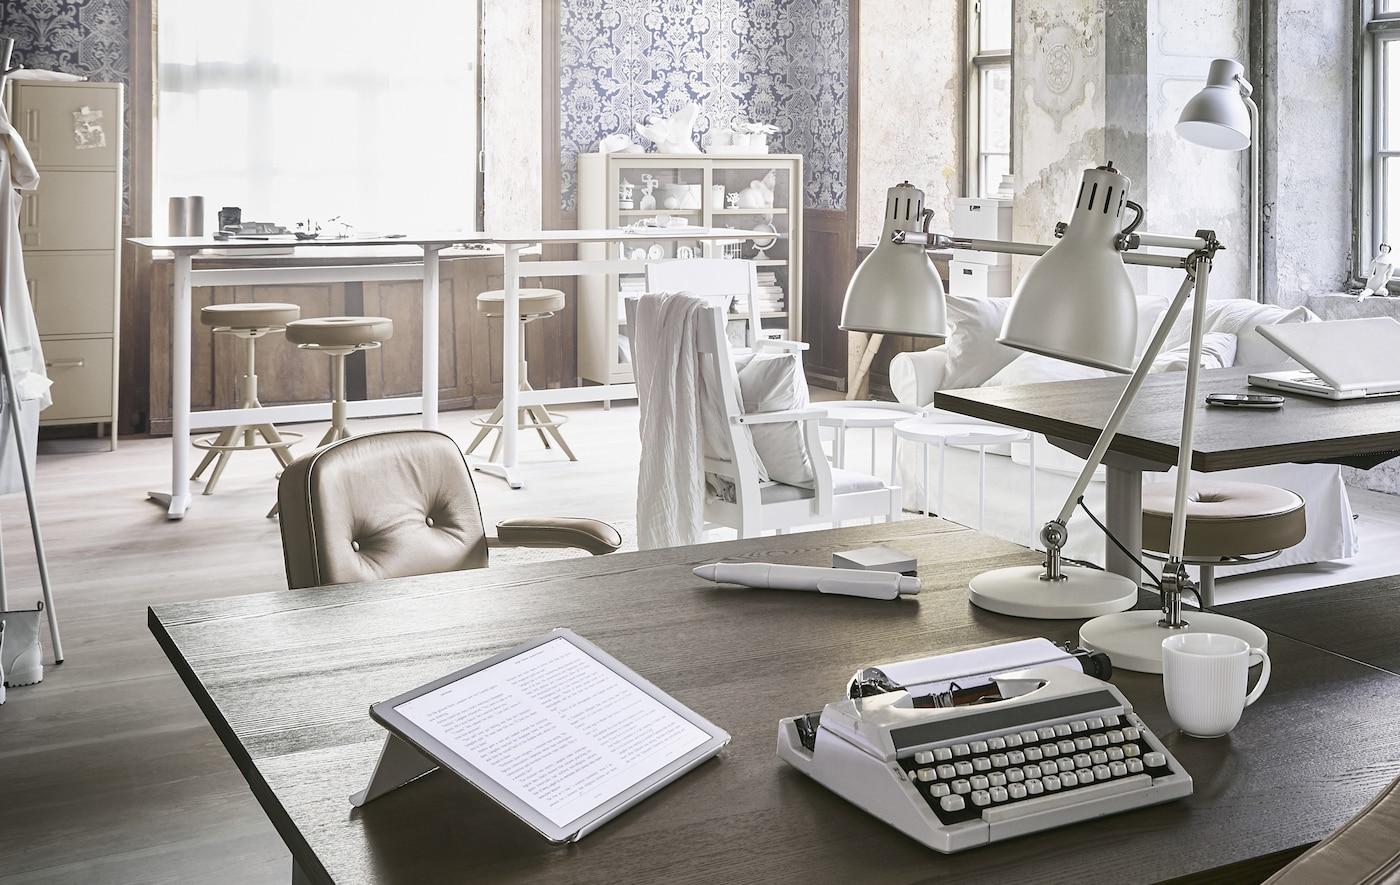 Ein brauner Schreibtisch in einem Büro mit weißer Schreibmaschine, Tablet & 2 Arbeitsleuchten.